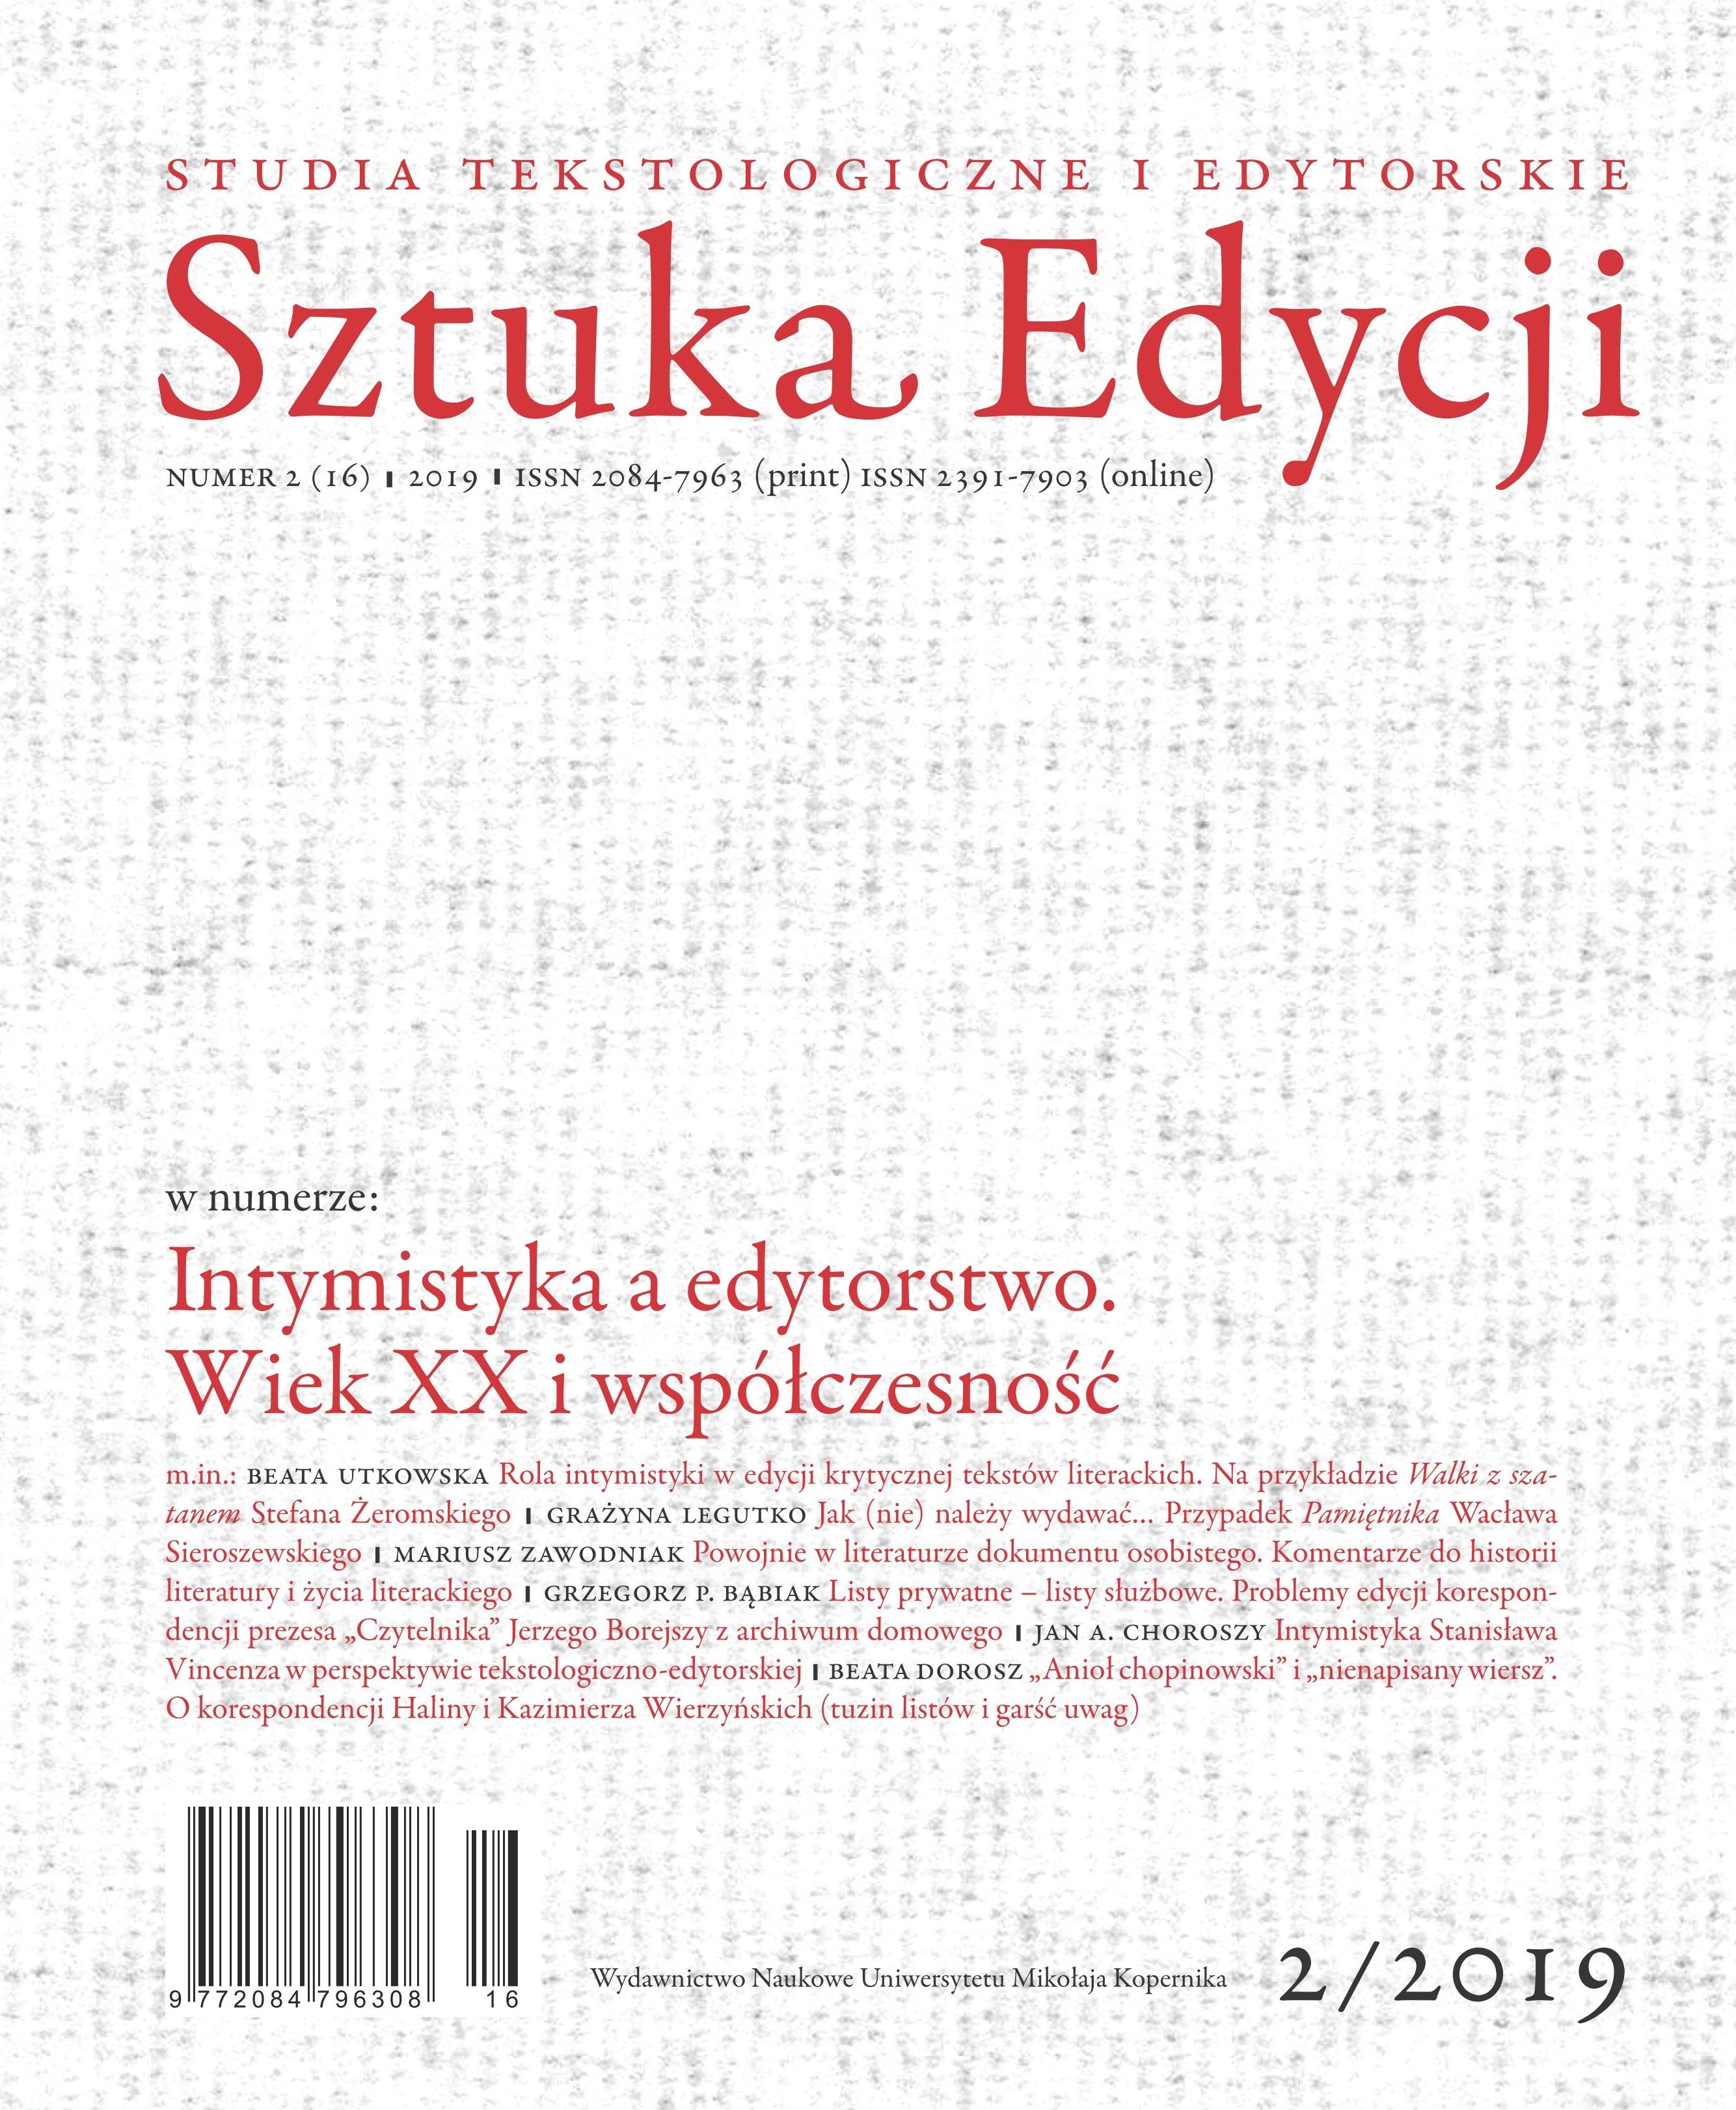 Pokaż  Tom 16 Nr 2 (2019): Intymistyka a edytorstwo. Wiek XX i współczesność, pod red. Bartłomieja Kuczkowskiego